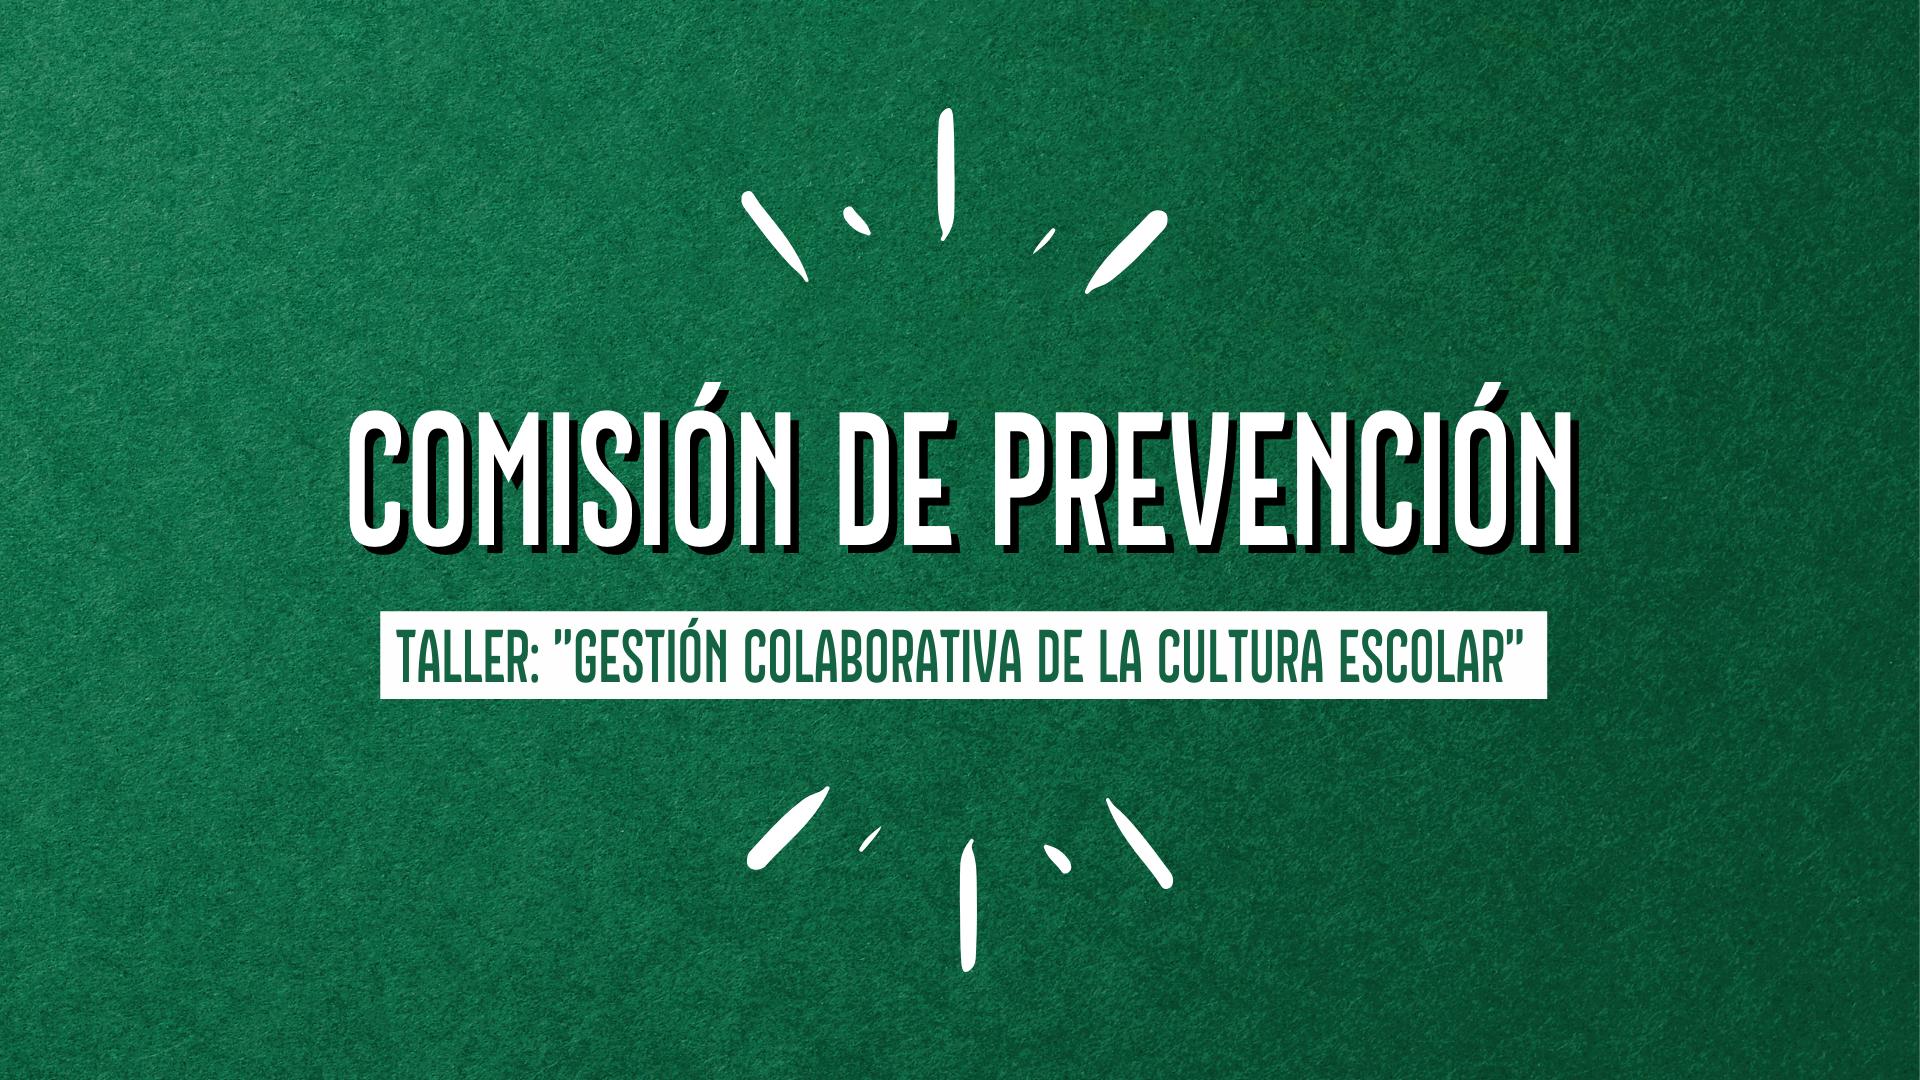 COMUNIDADES DE APRENDIZAJE PARTICIPAN EN PRIMER TALLER DE LA COMISIÓN DE PREVENCIÓN